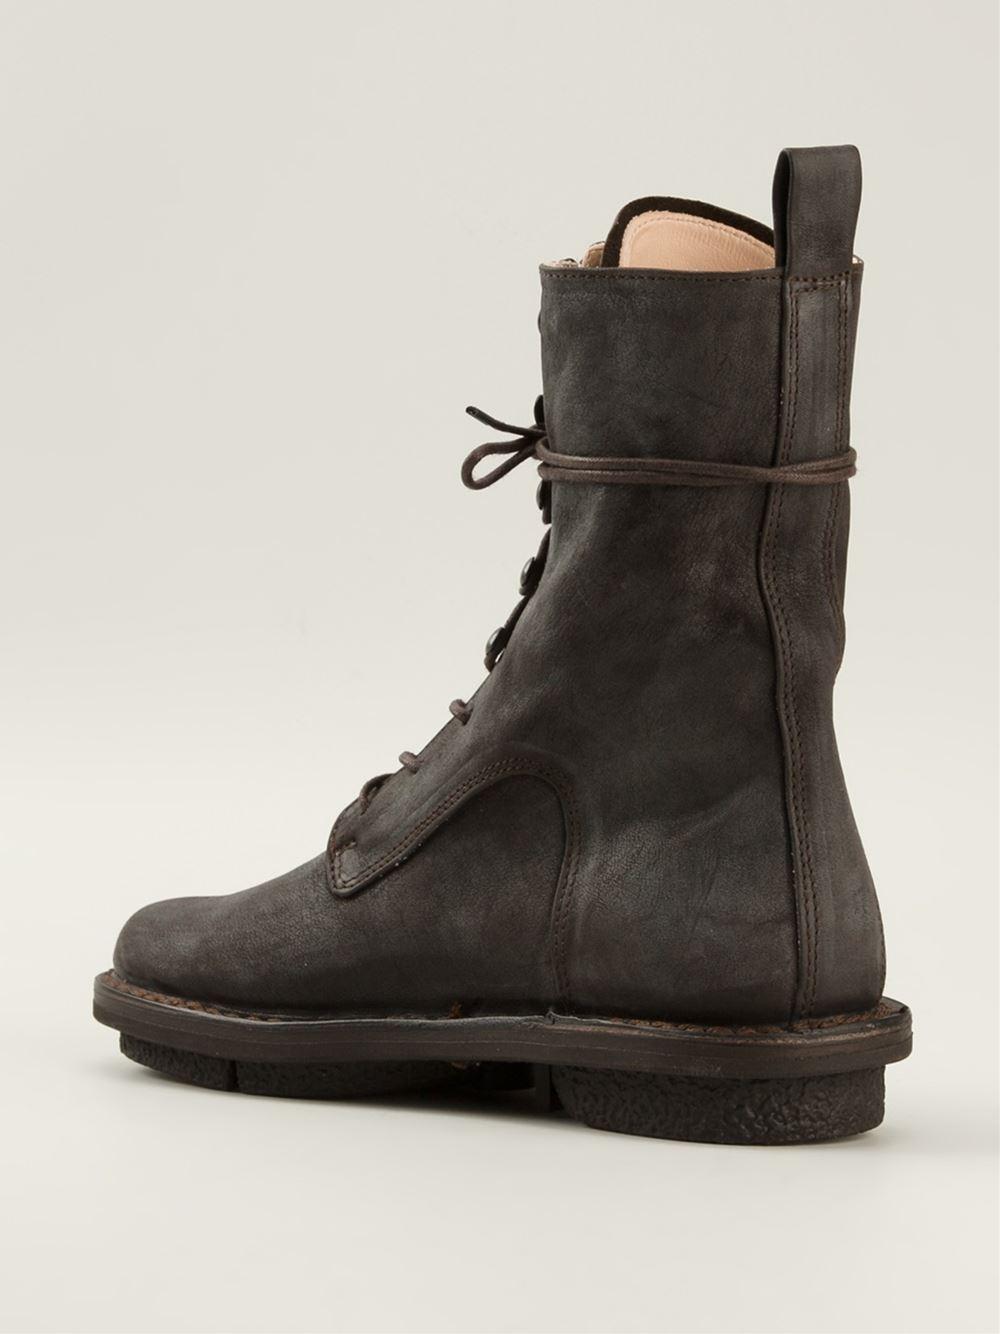 Black In Boots Trippen Lace Lyst Up xgw7U6qRn